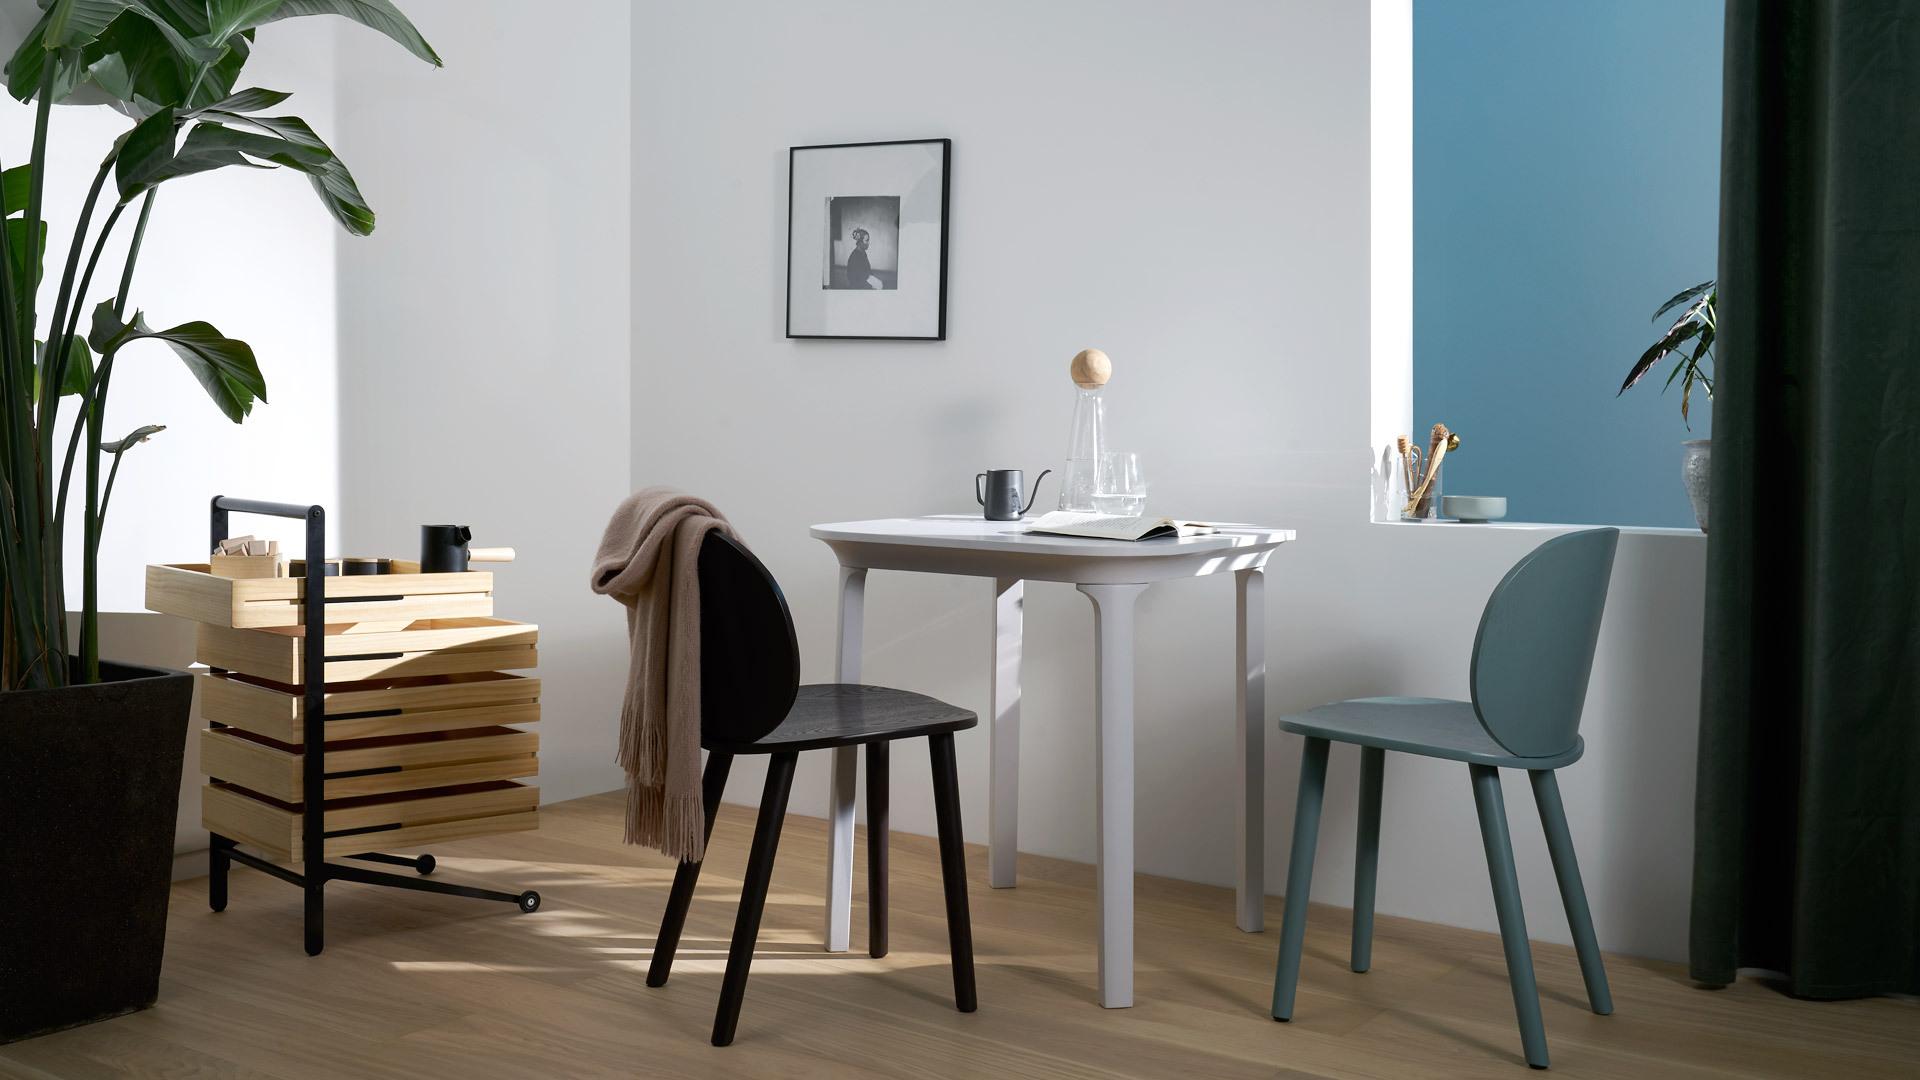 方餐桌,2人世界的精致空间